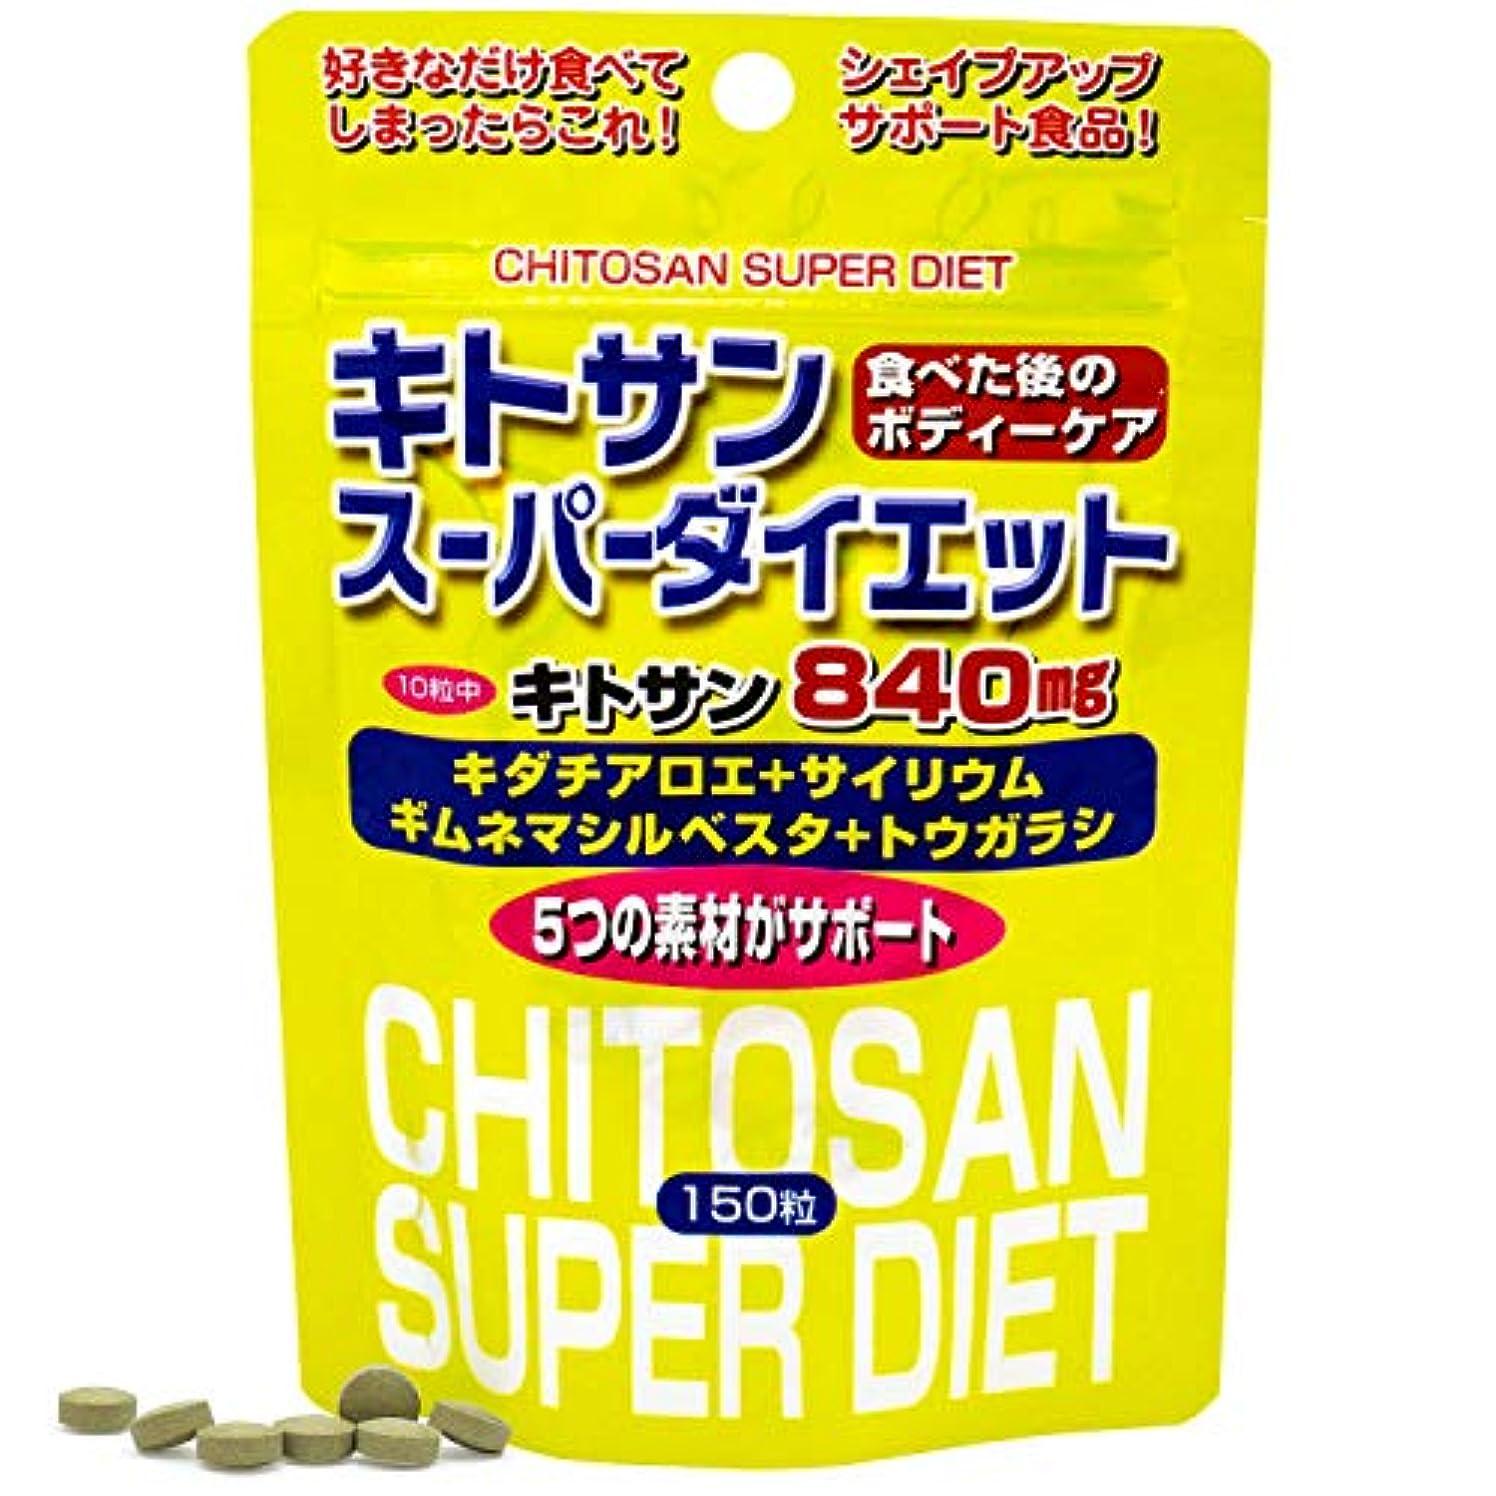 ユウキ製薬 スタンドパック キトサンスーパーダイエット 15-21日分 150粒